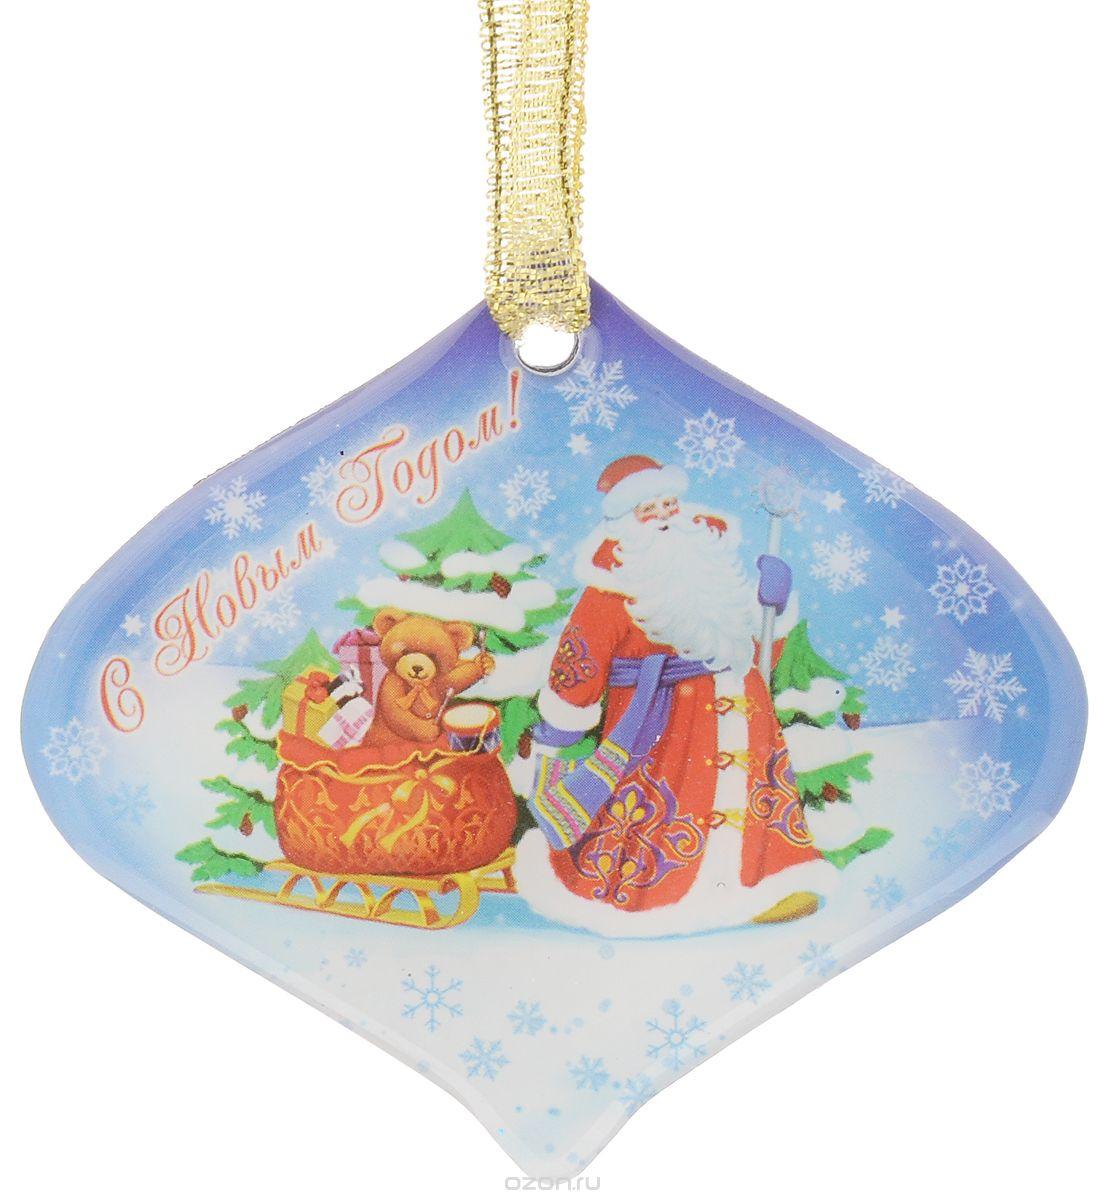 Магнит 6*6см Дед мороз с мишкой в санях 38365